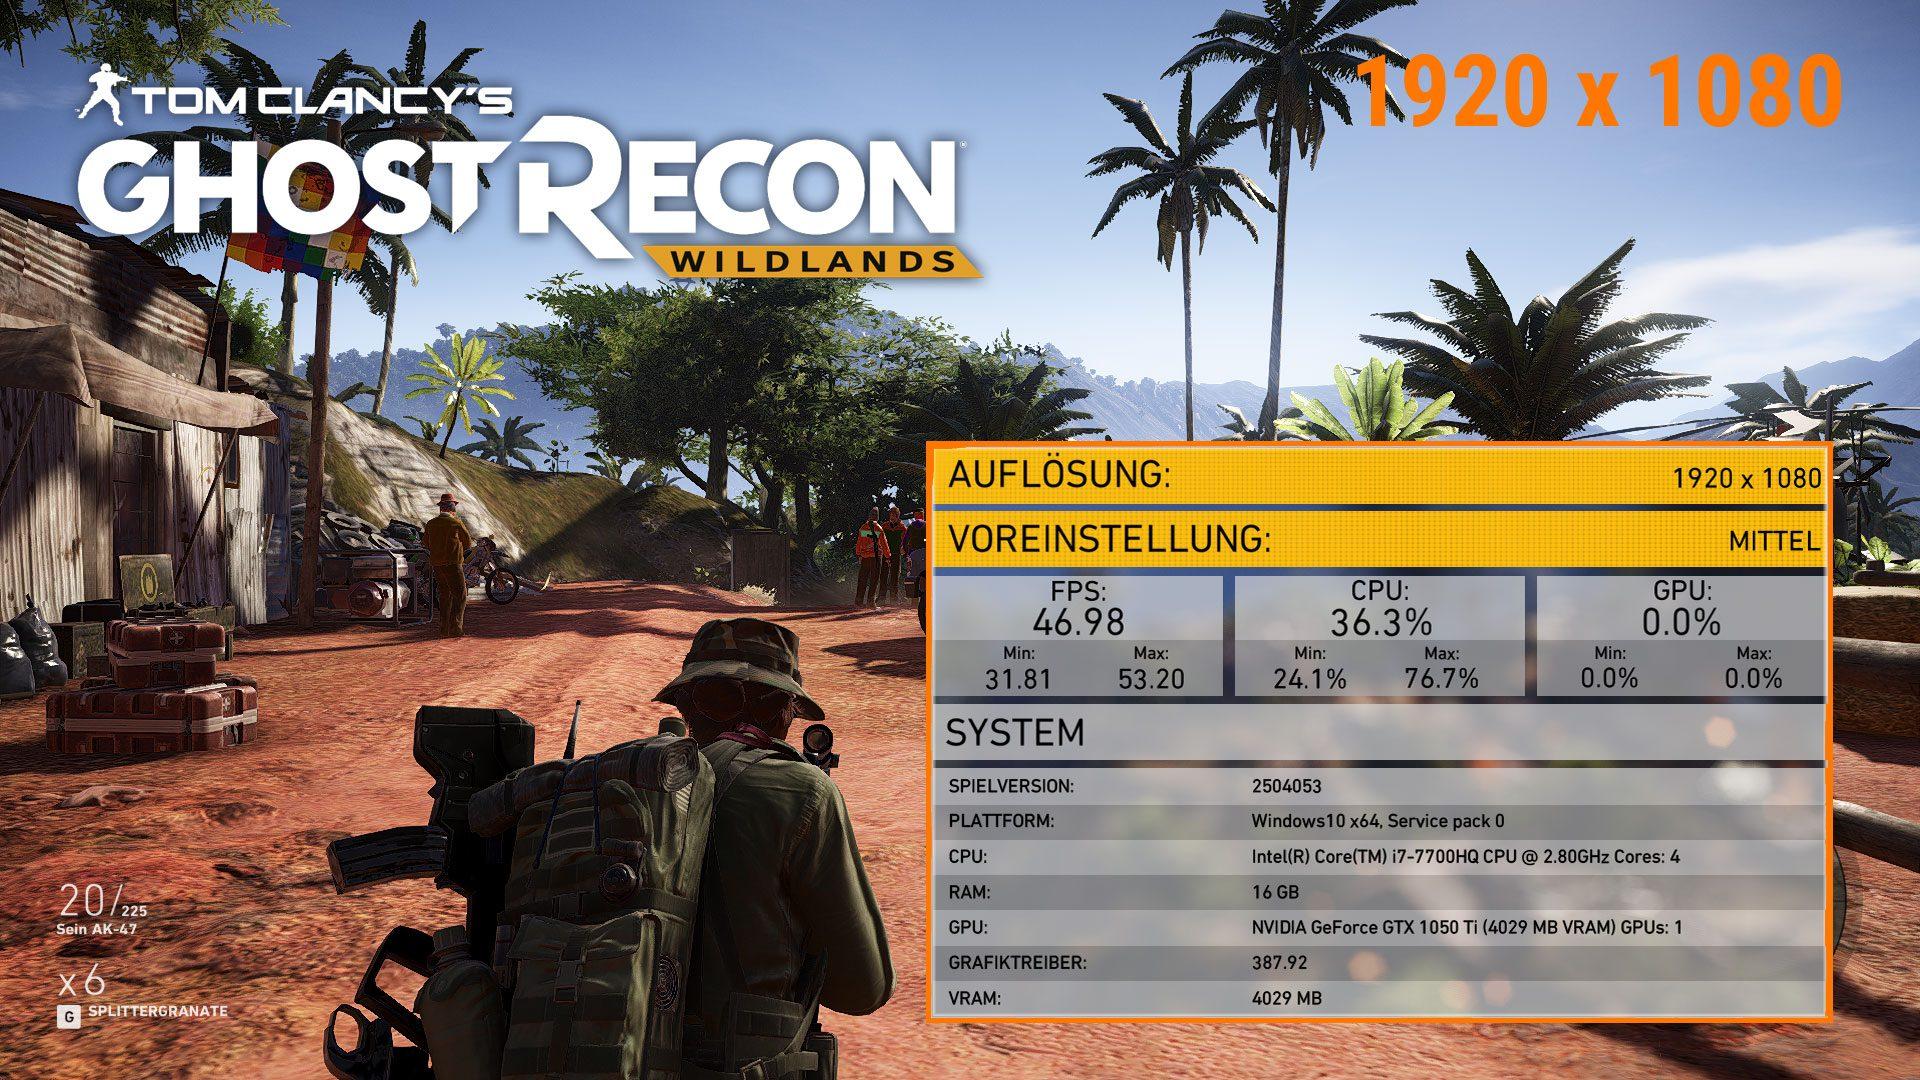 Schenker-XMG-A707-nyd_Games-4